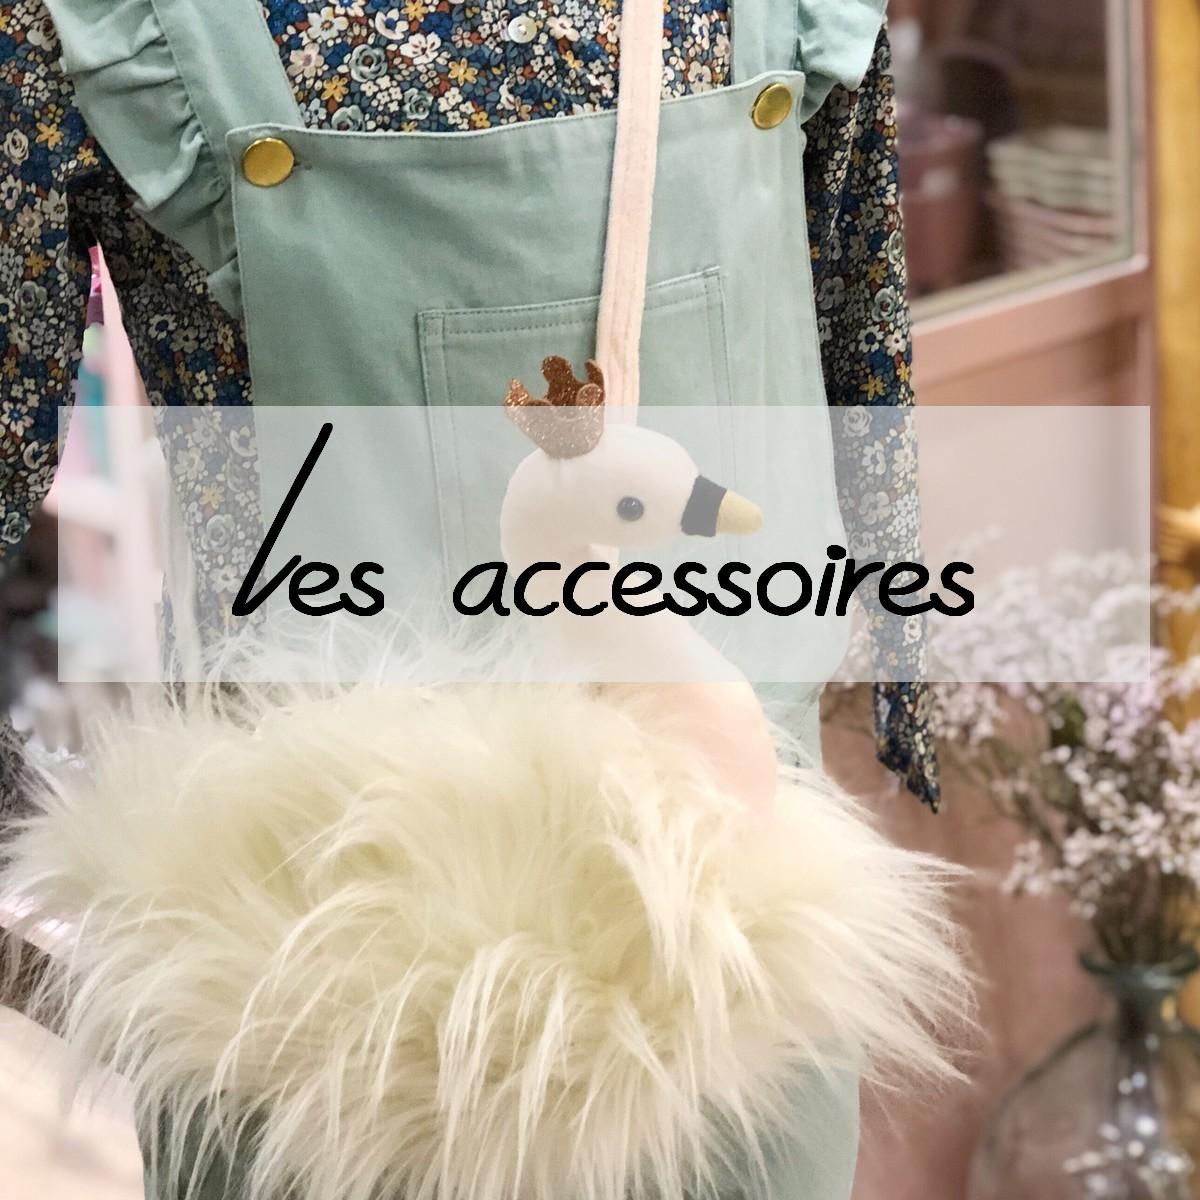 les_accessoires_javotine_jellycat_2.jpg